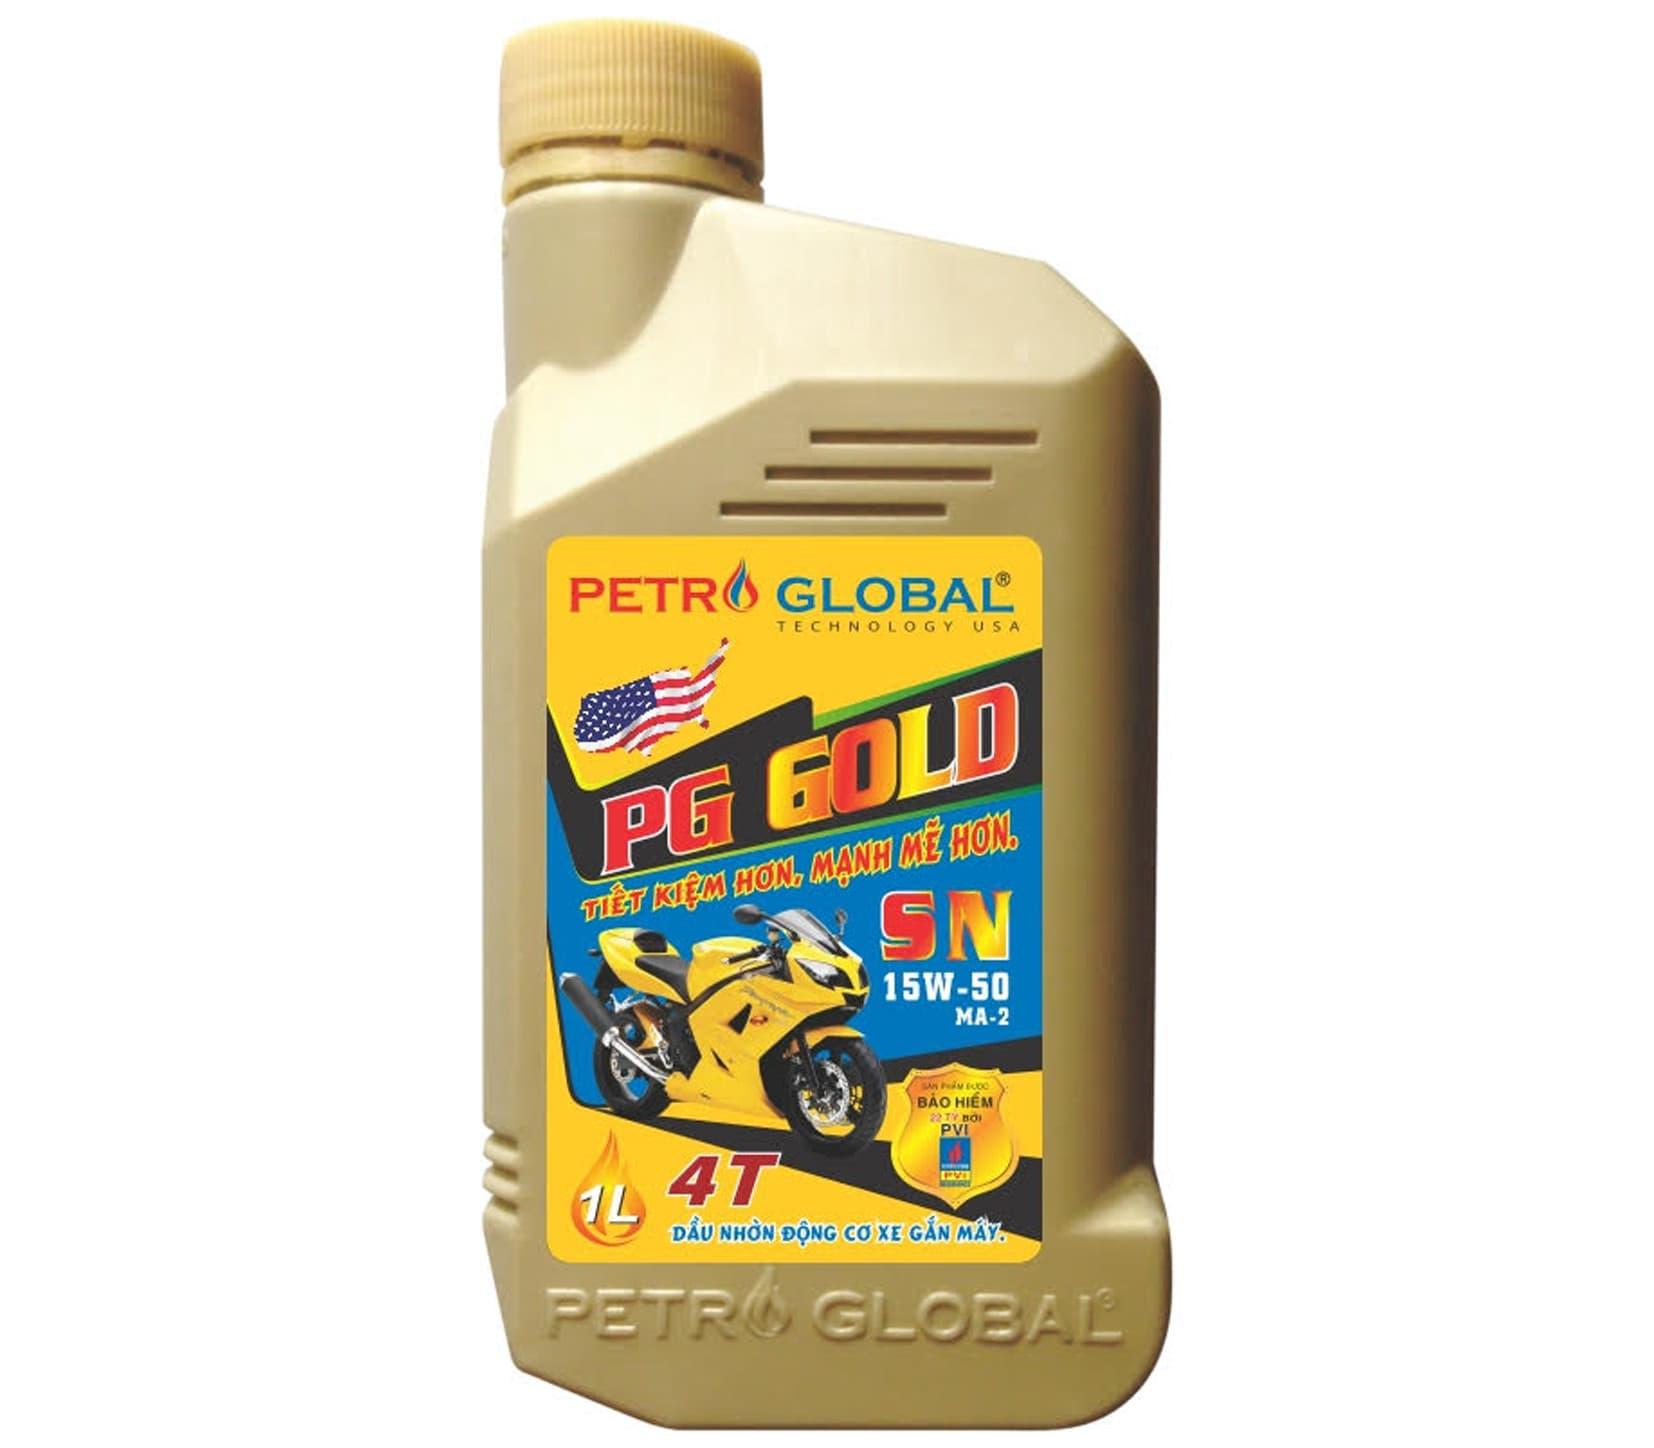 PG Gold